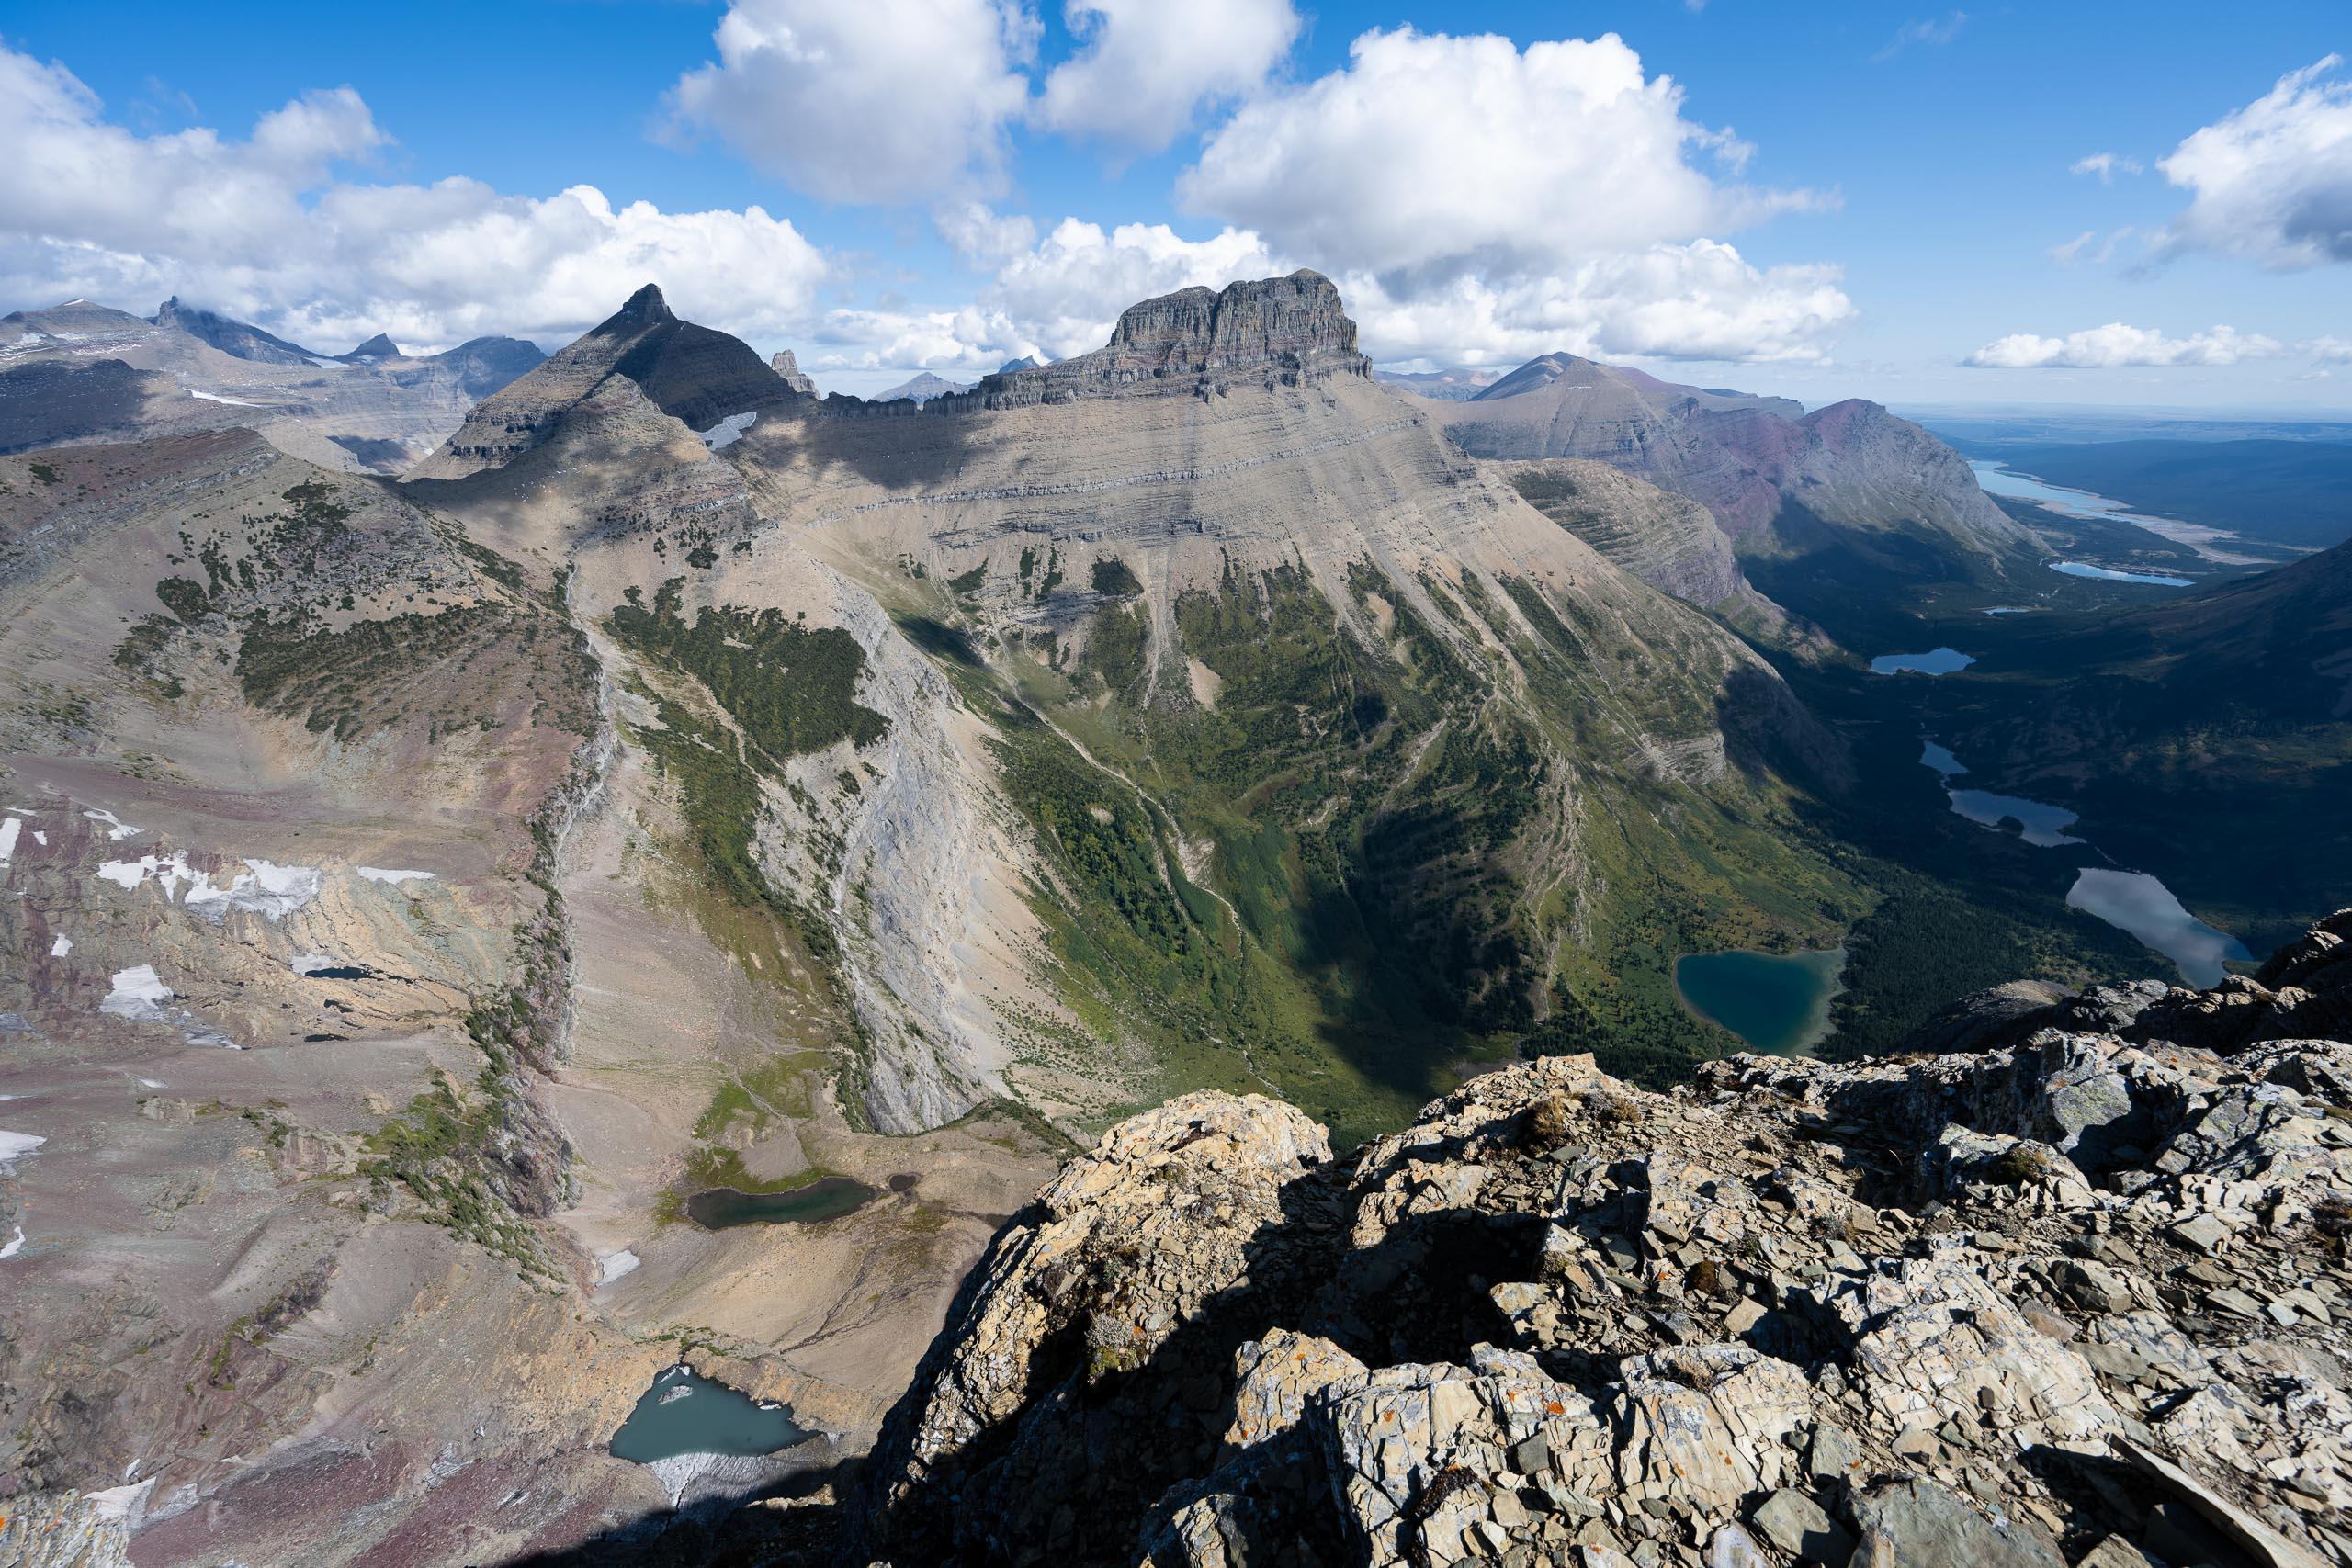 Mt. Wilbur, Swiftcurrent Valley